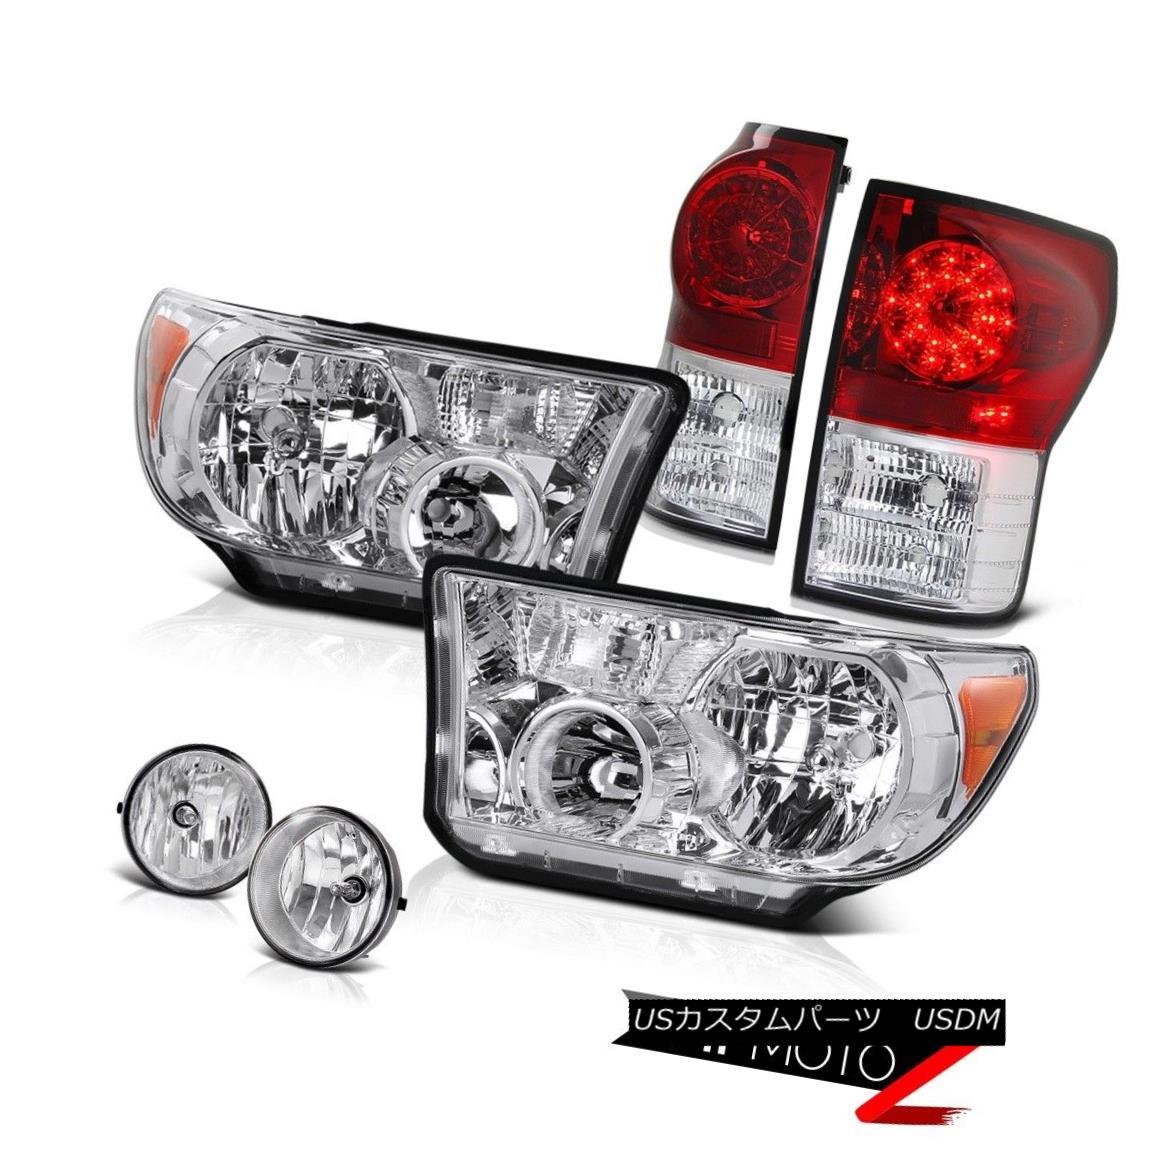 ヘッドライト 07-2013 Toyota Tundra Crystal Clear L+R Headlamp+Led Tail Light+Fog Lamp 07-2013トヨタトンドラクリスタルクリアL + Rヘッドランプ+ Ledテールライト+フォグランプ